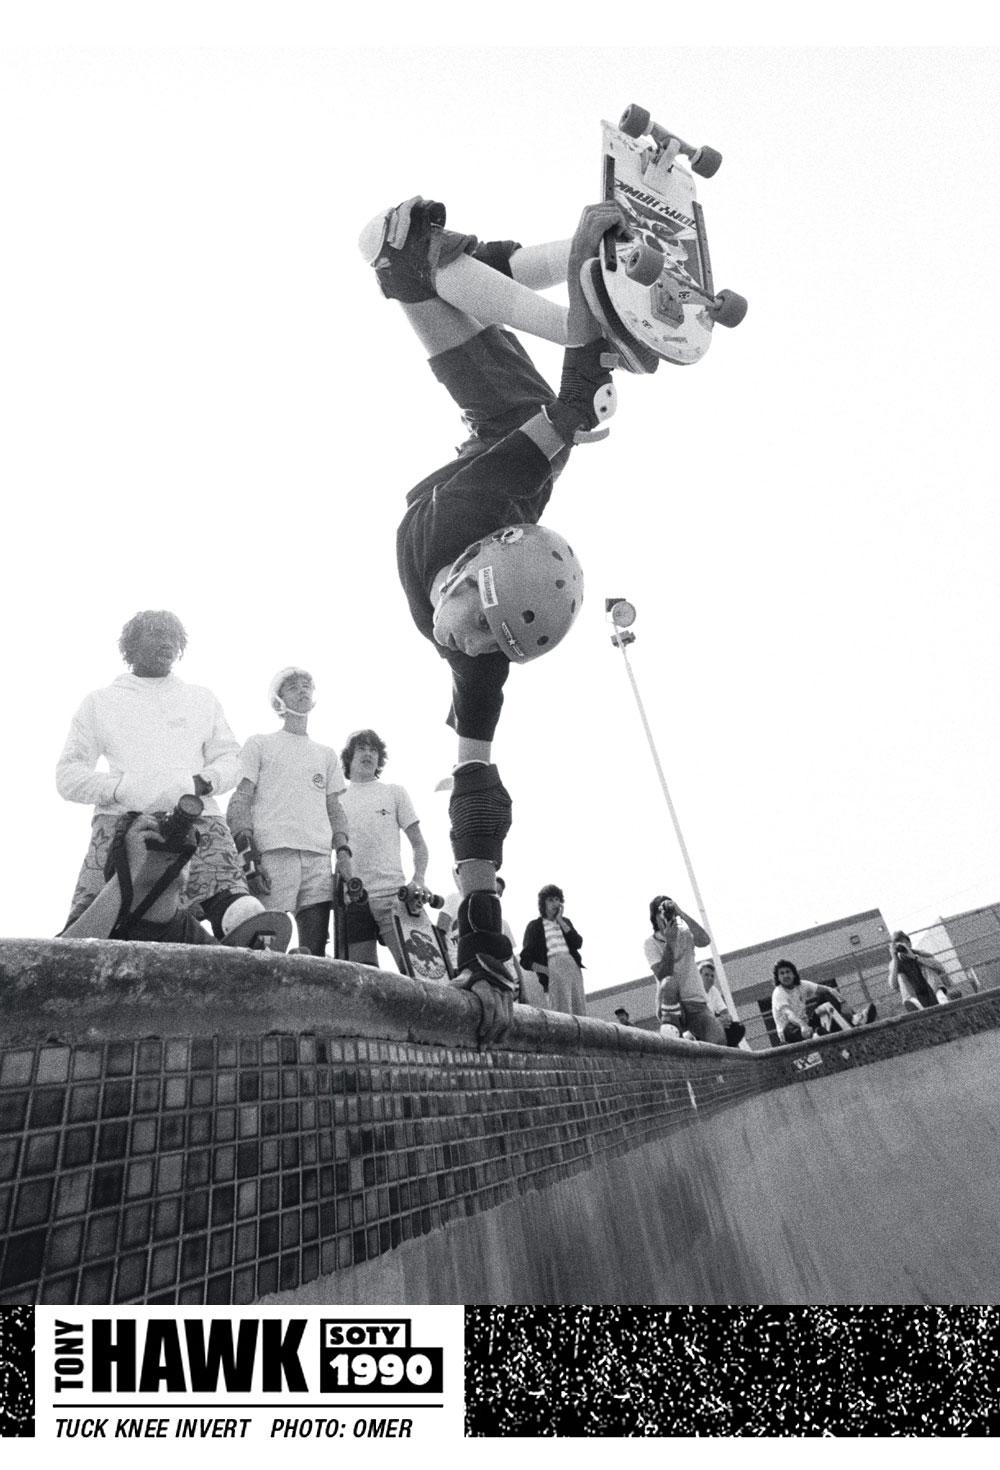 Tony Hawk SOTY 1990